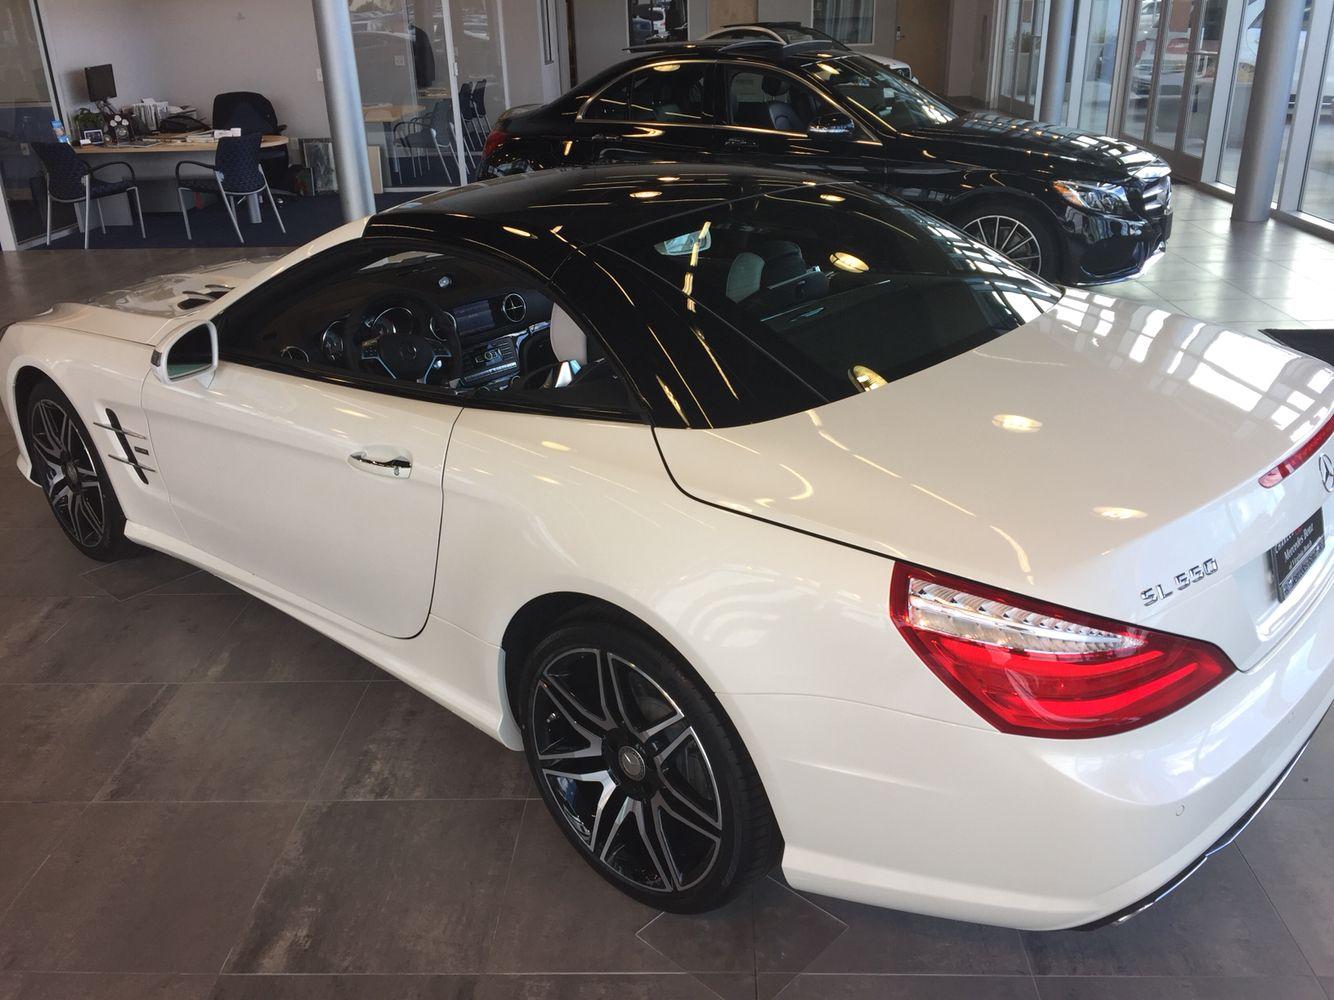 2015 Sl550 White Arrow Edition In Designo Diamond White Only 400